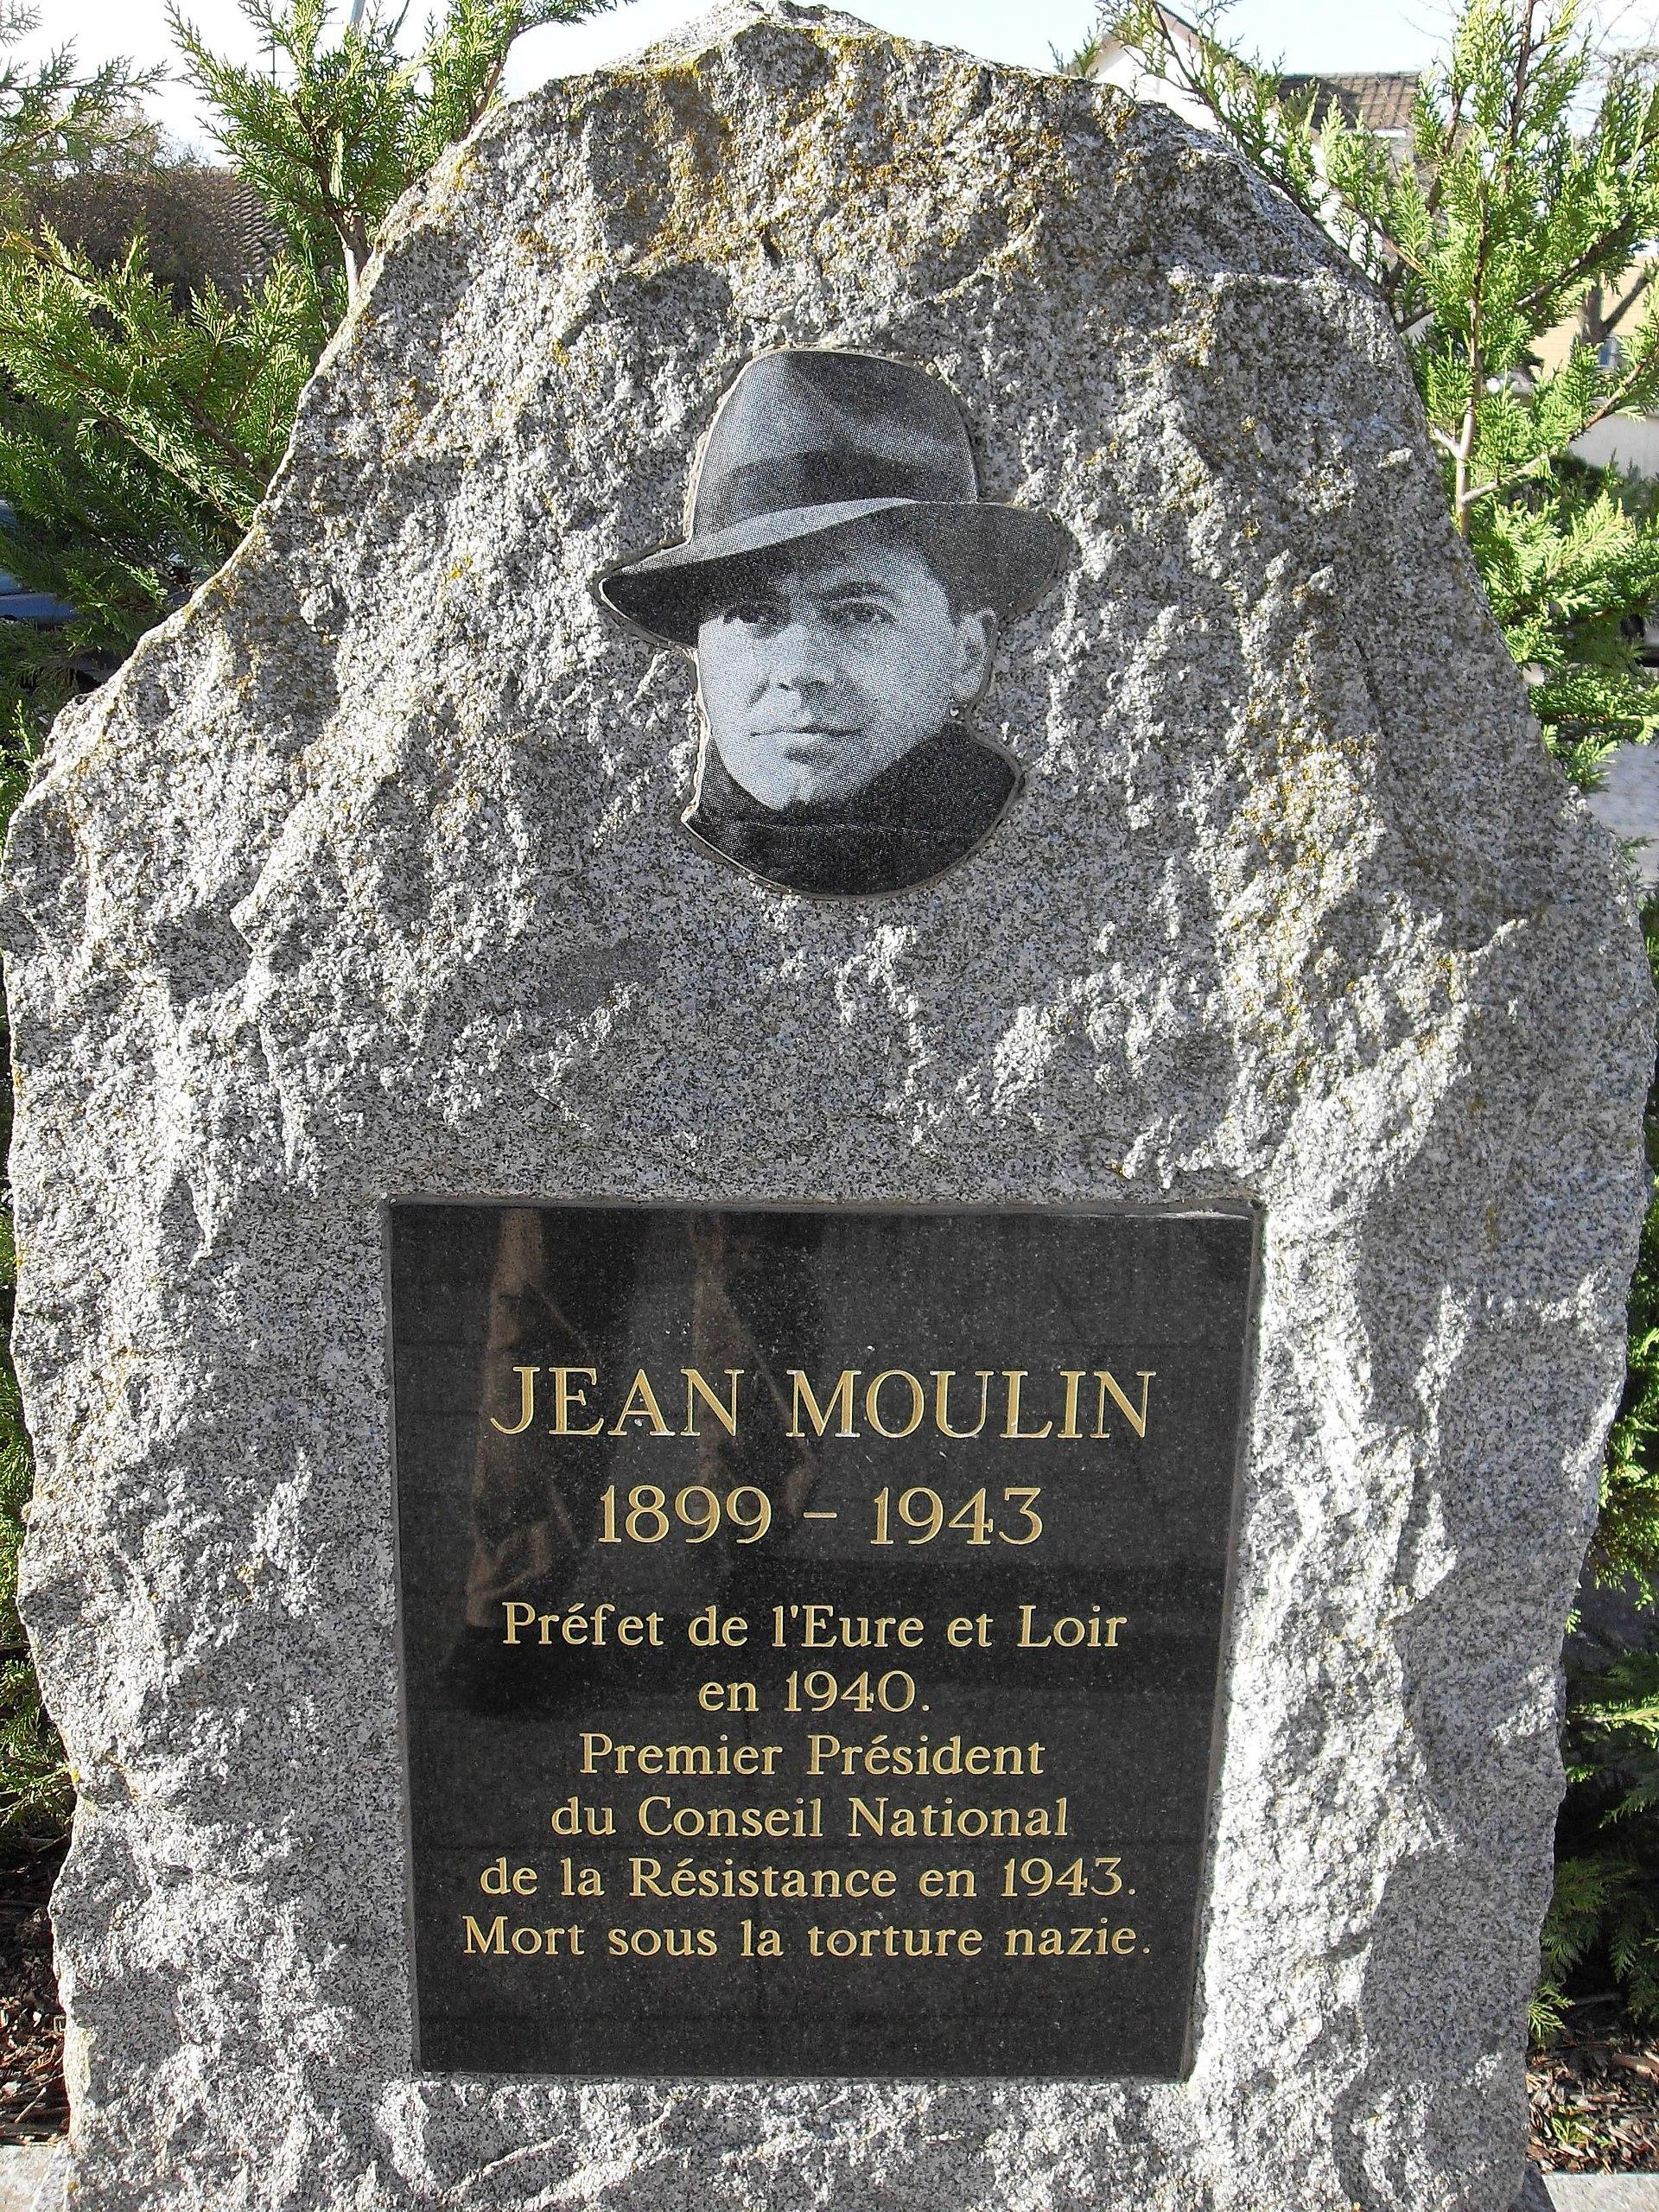 Jean Moulin u2014 Wikipédia # Celio Les Clayes Sous Bois